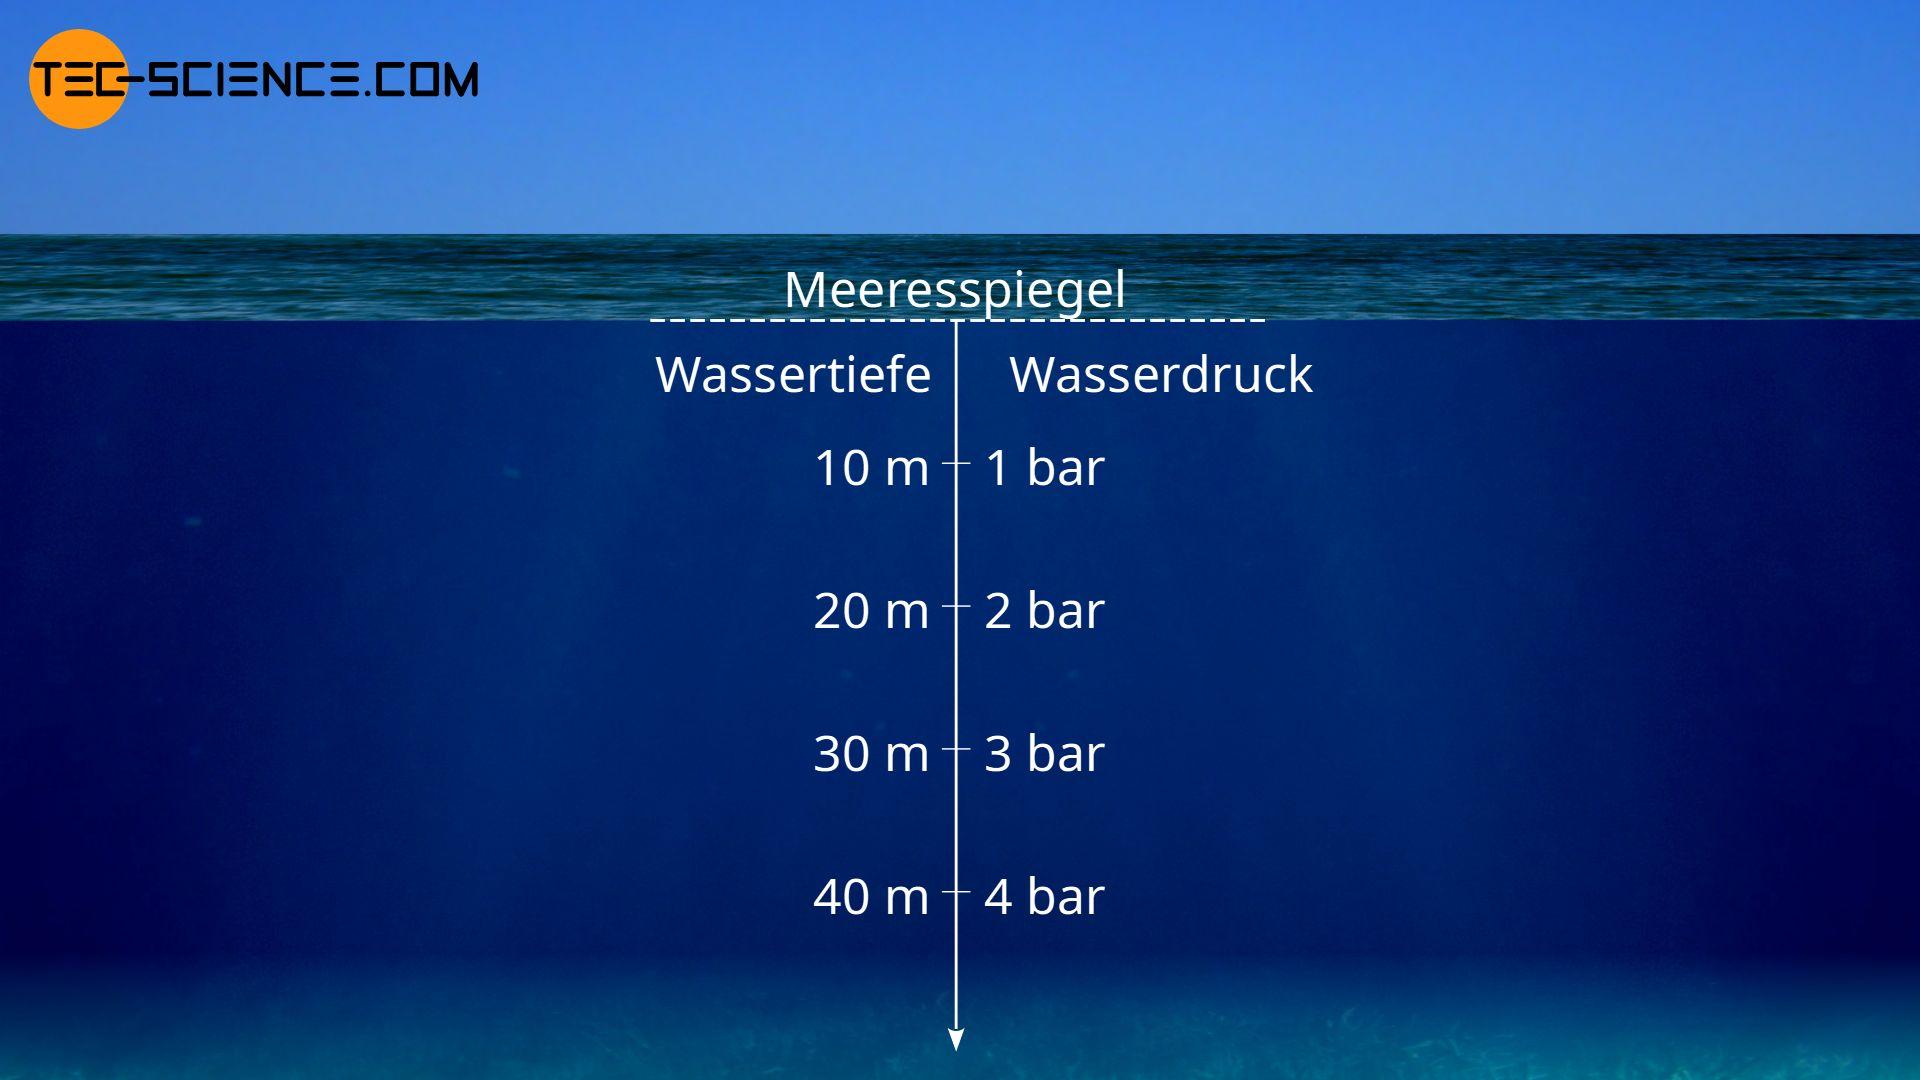 Wasserdruck in Abhängigkeit der Wassertiefe unterhalb des Meeresspiegels